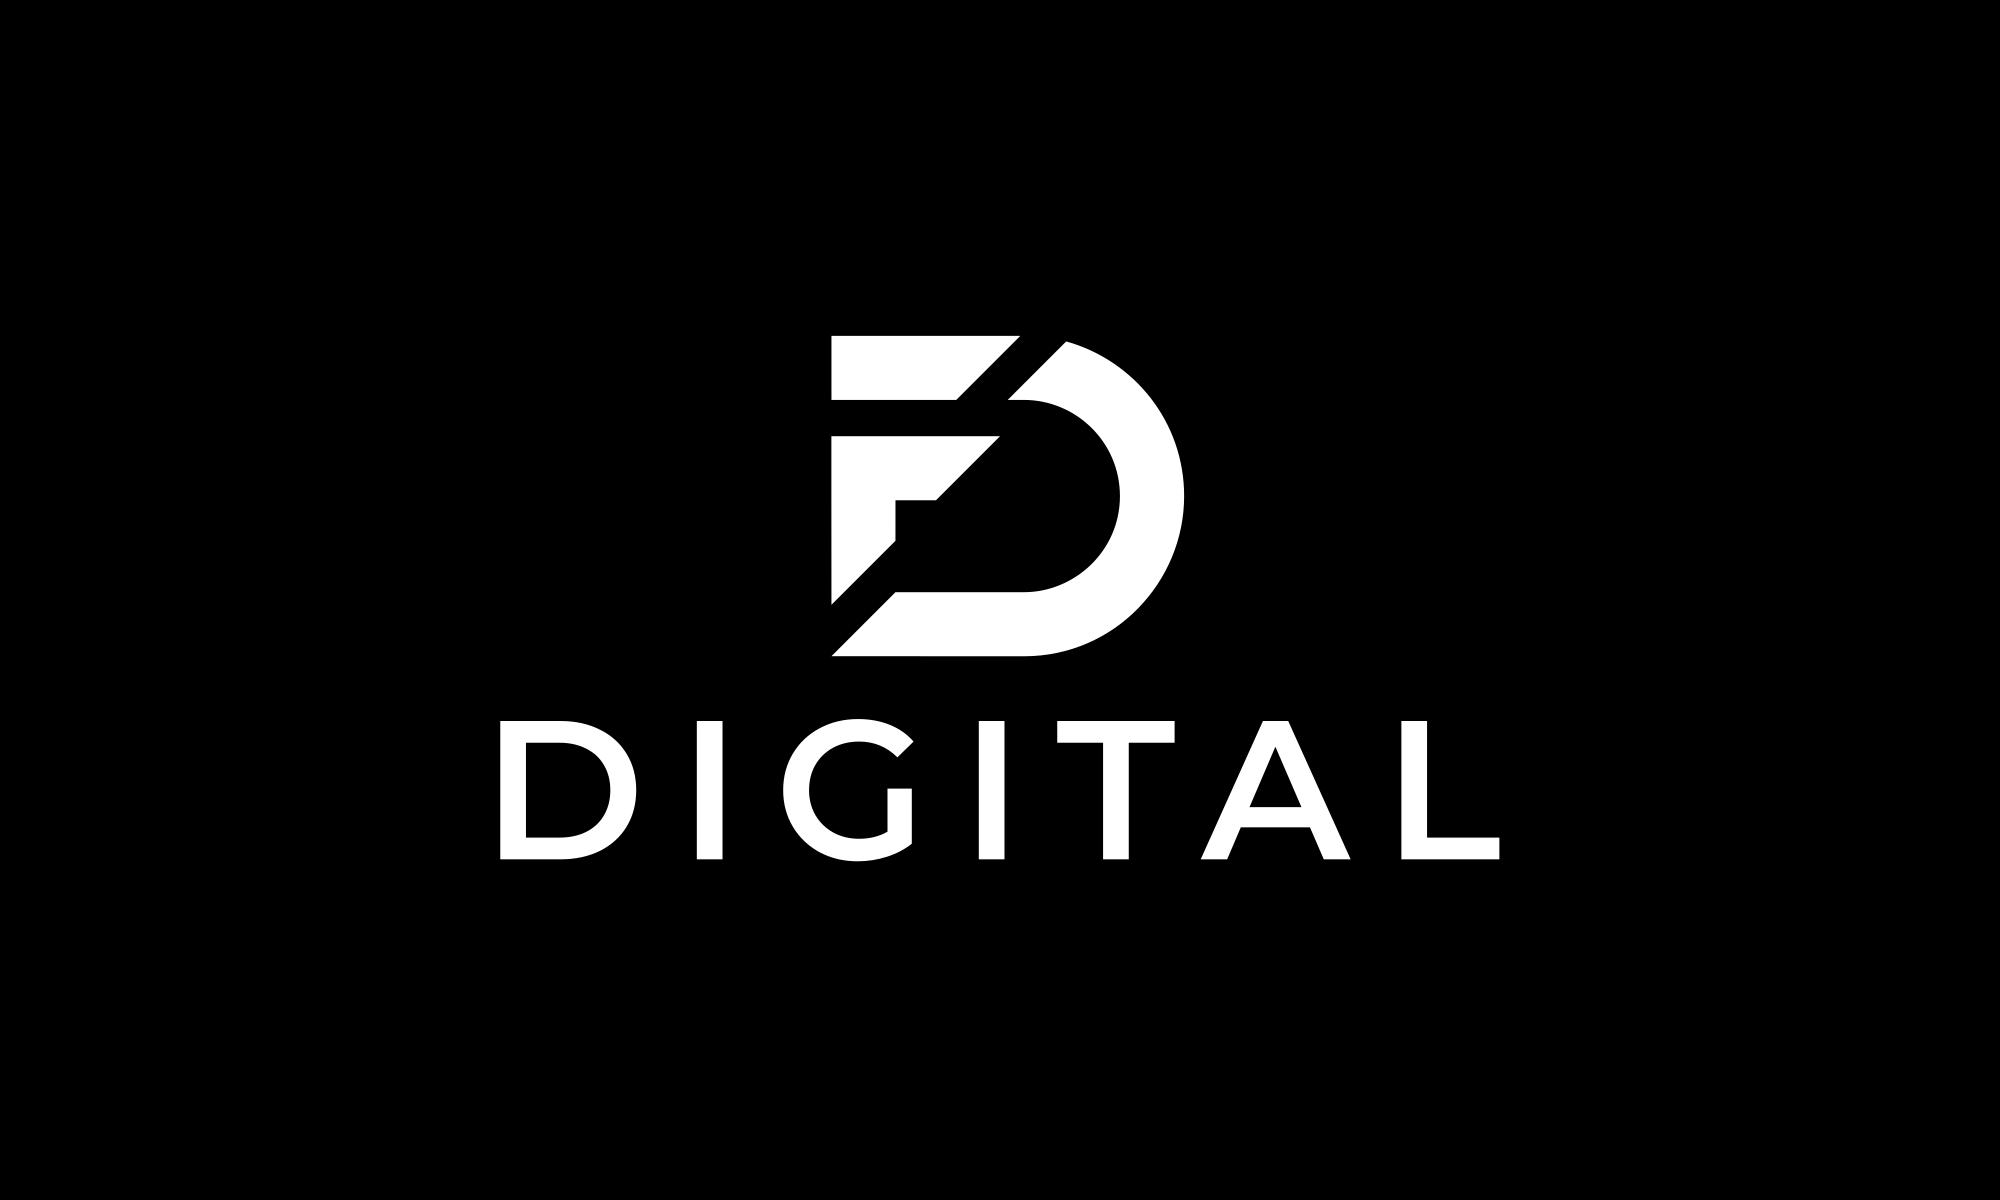 בניית אתרים ושיווק באינטרנט